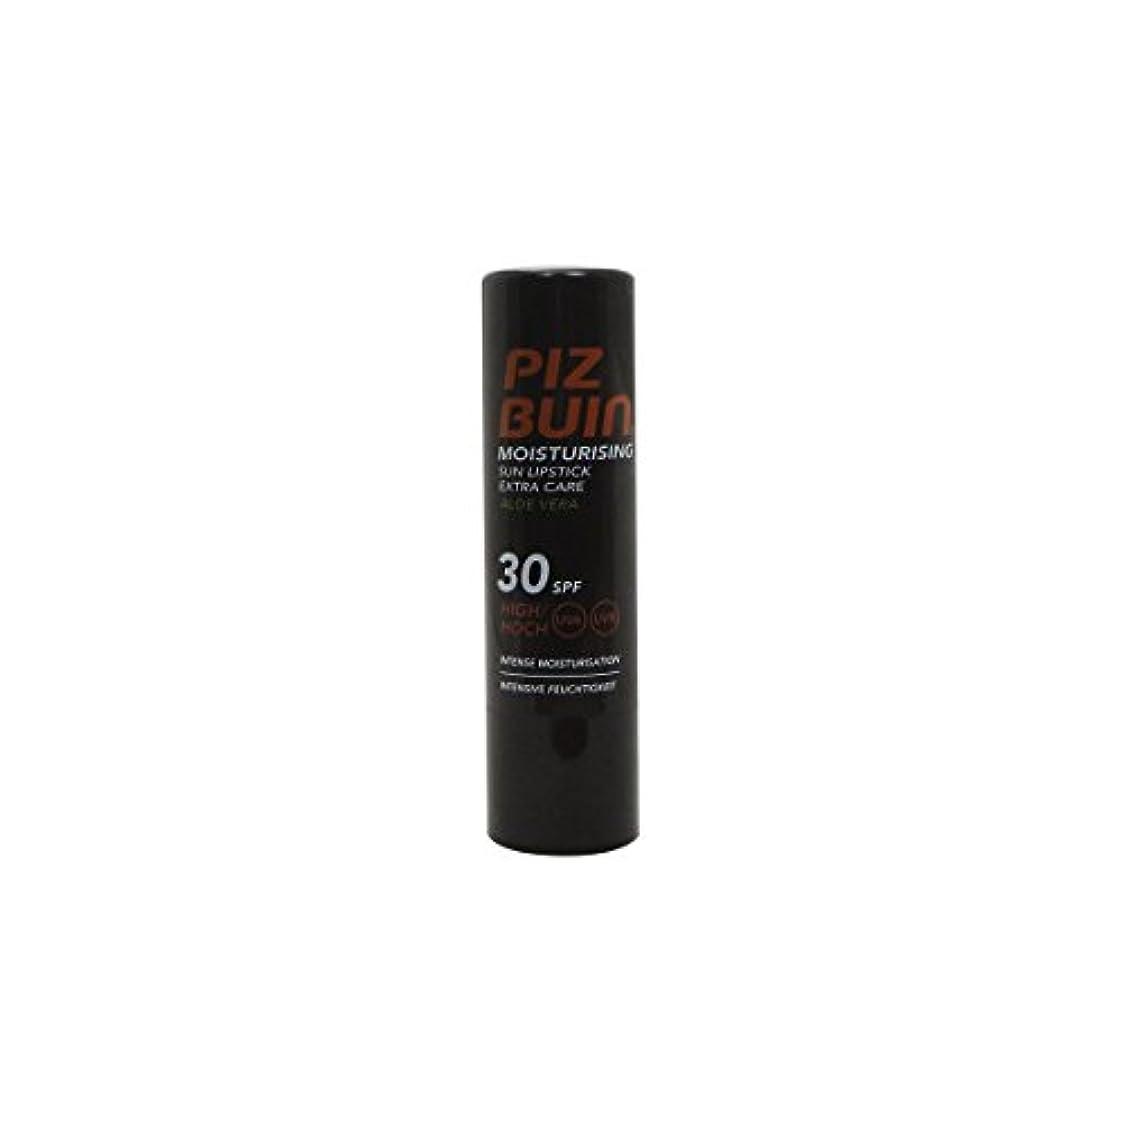 世論調査責任ドラフトPiz Buin Lipstick Spf 30 Moisturising With Aloe Vera5g [並行輸入品]